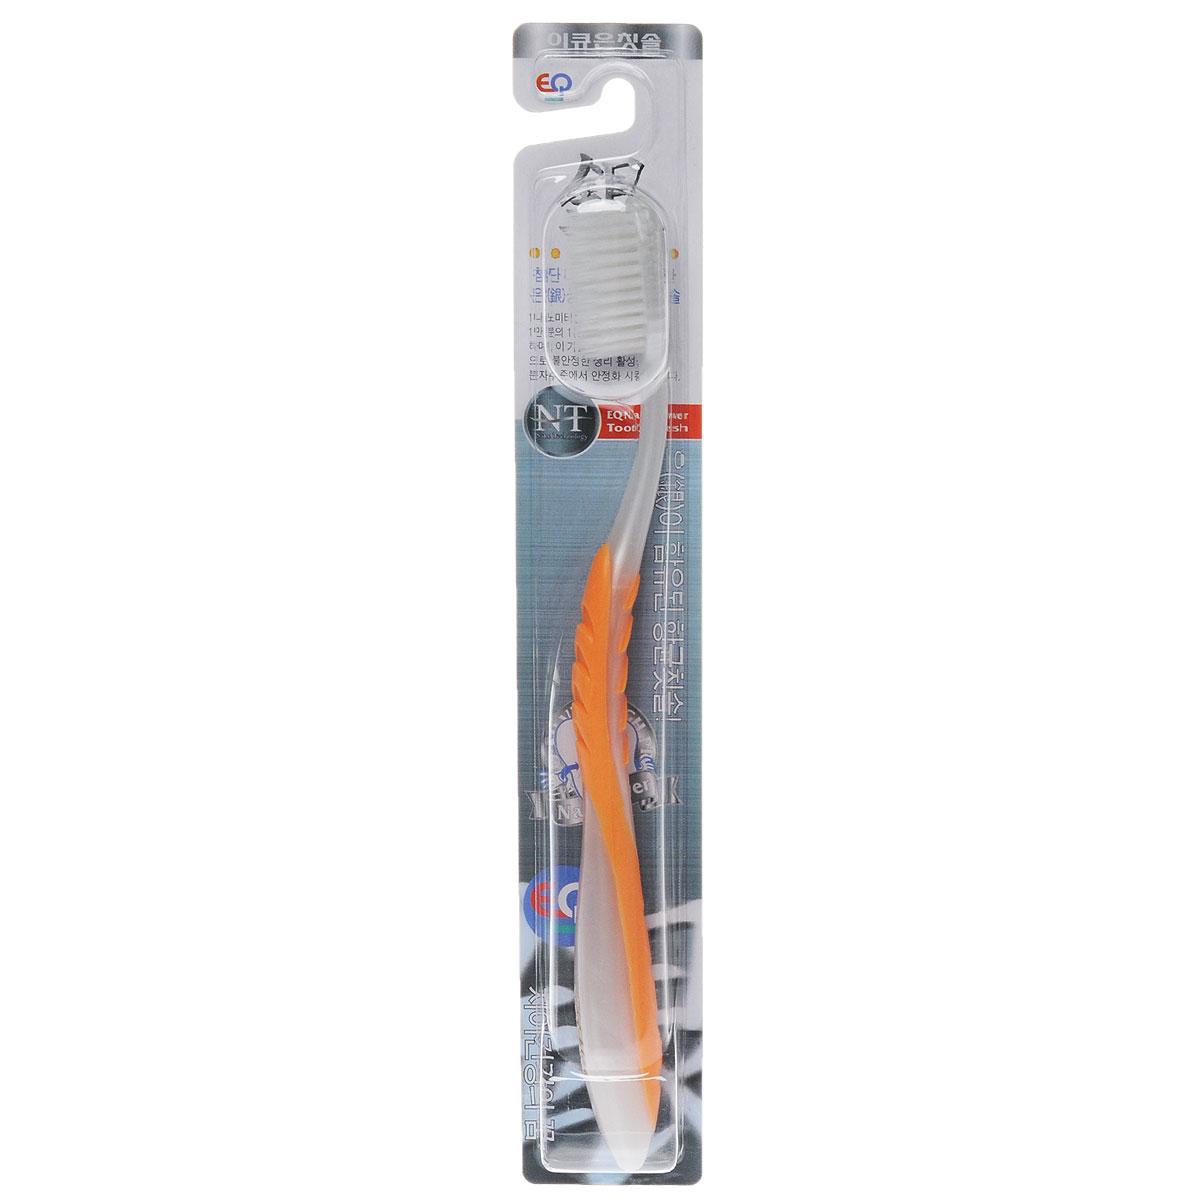 EQ MaxON Зубная щетка c наночастицами серебра, сверхтонкая, средняя жесткость, цвет: оранжевый160126_оранжевыйEQ MaxON Зубная щетка c наночастицами серебра, сверхтонкая, средняя жесткость, цвет: оранжевый